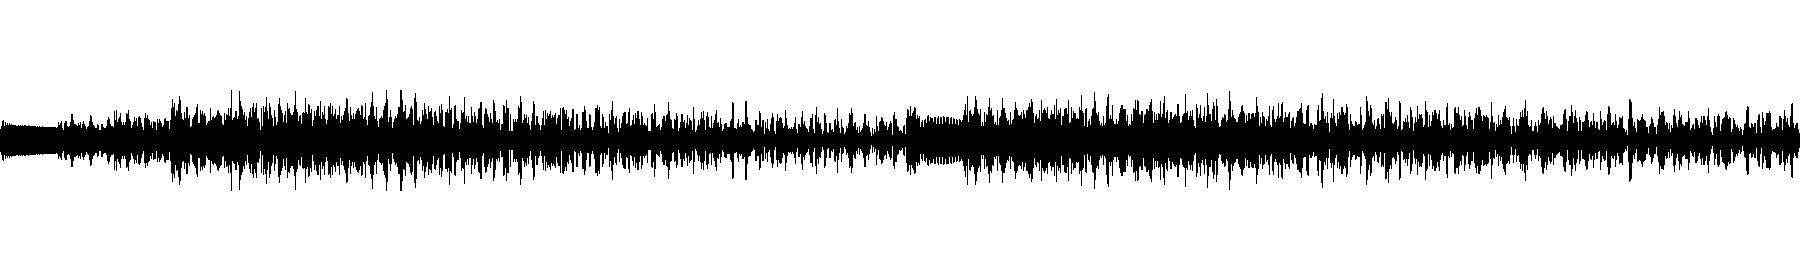 blbc rhodes 95 e